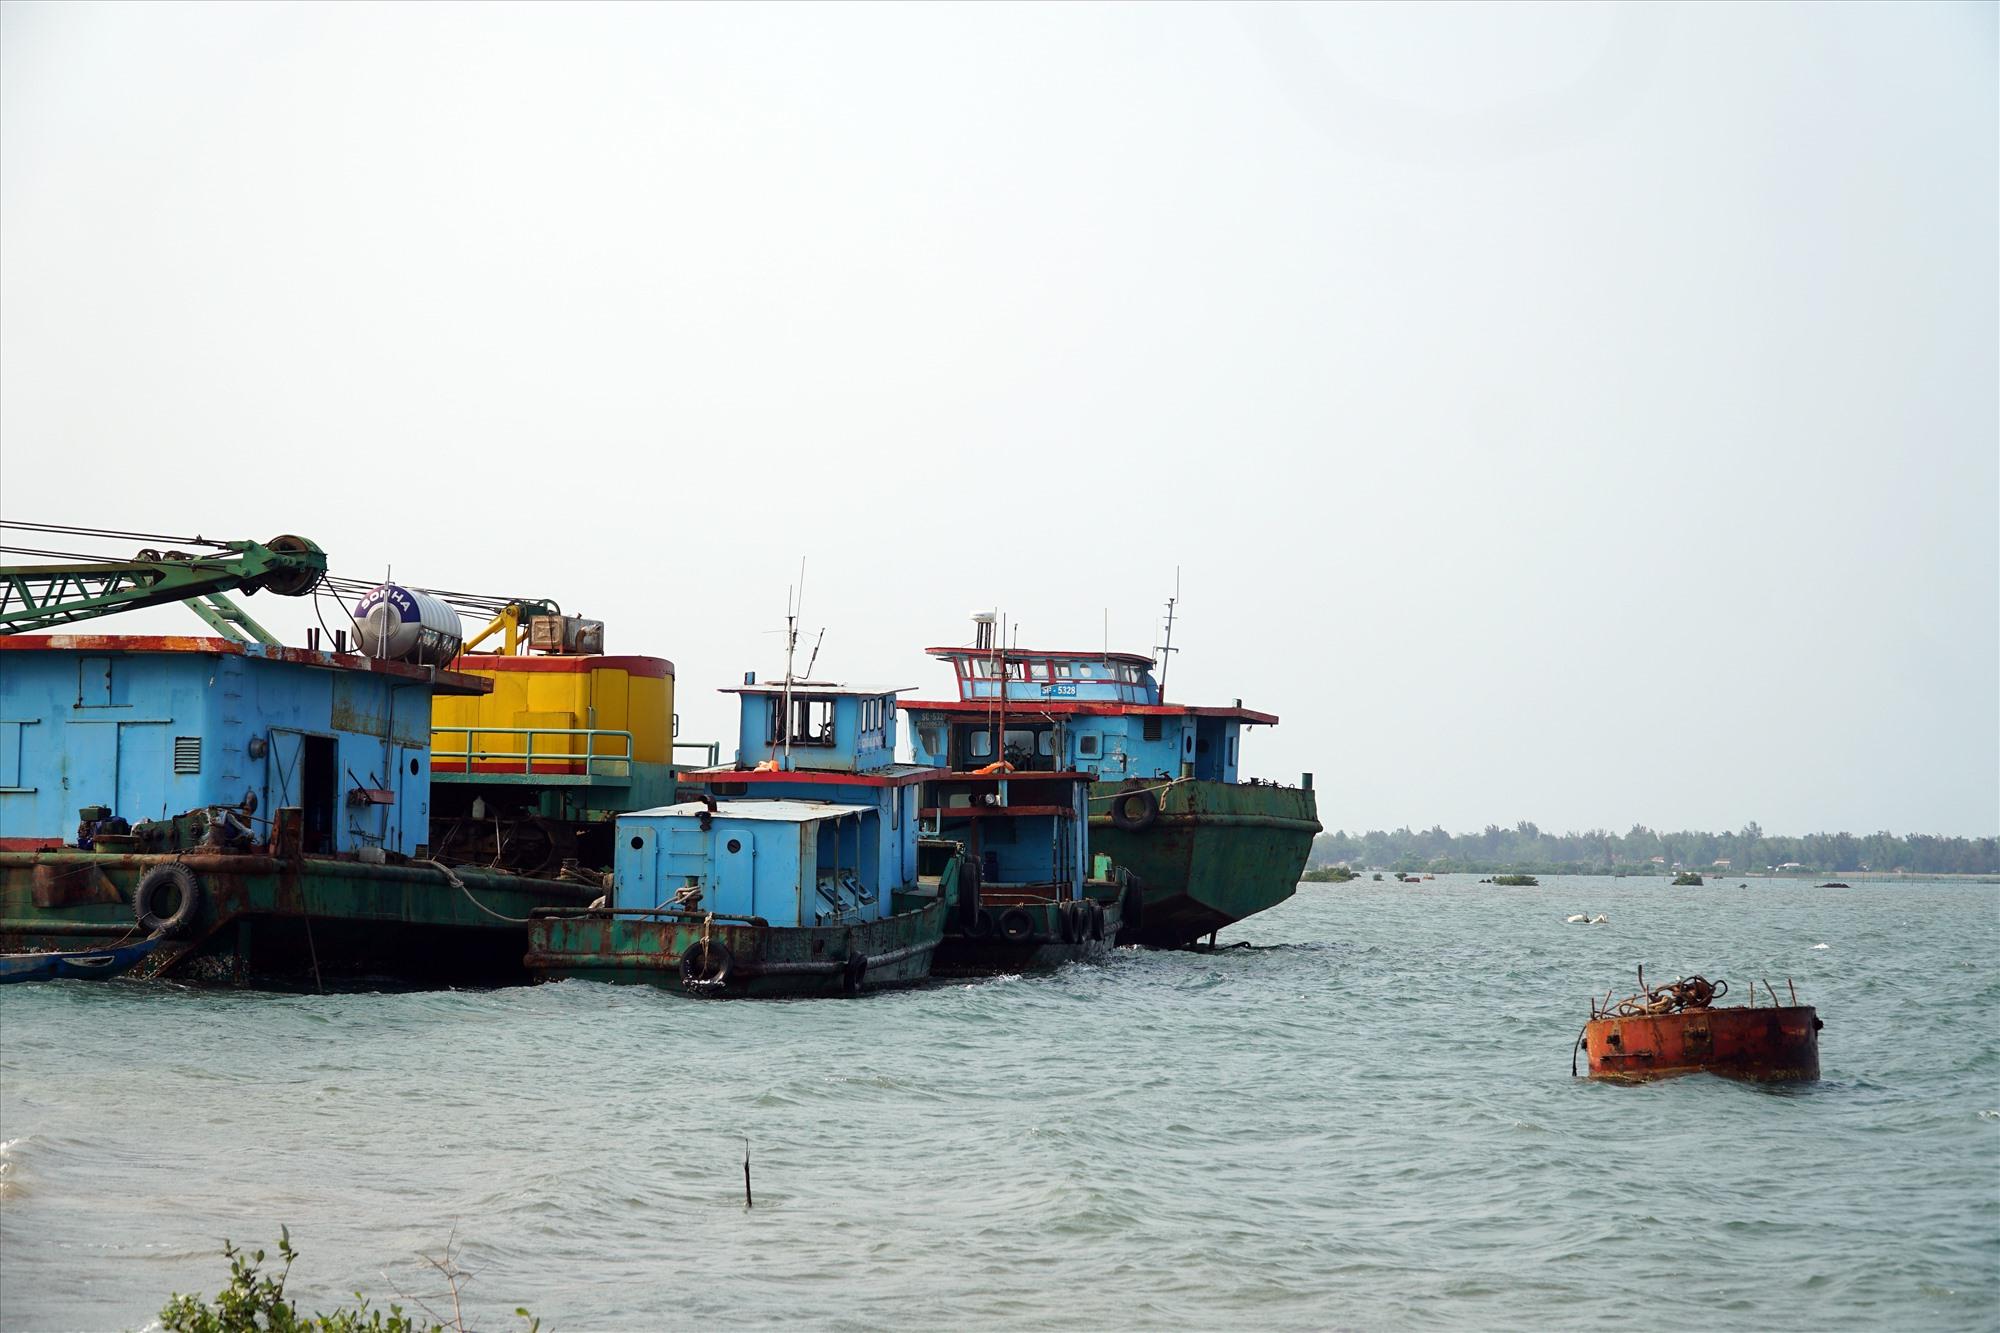 Dự án nạo vét luồng vào cảng Kỳ Hà đang dừng thi công do vướng mặt bằng. Ảnh: H.P